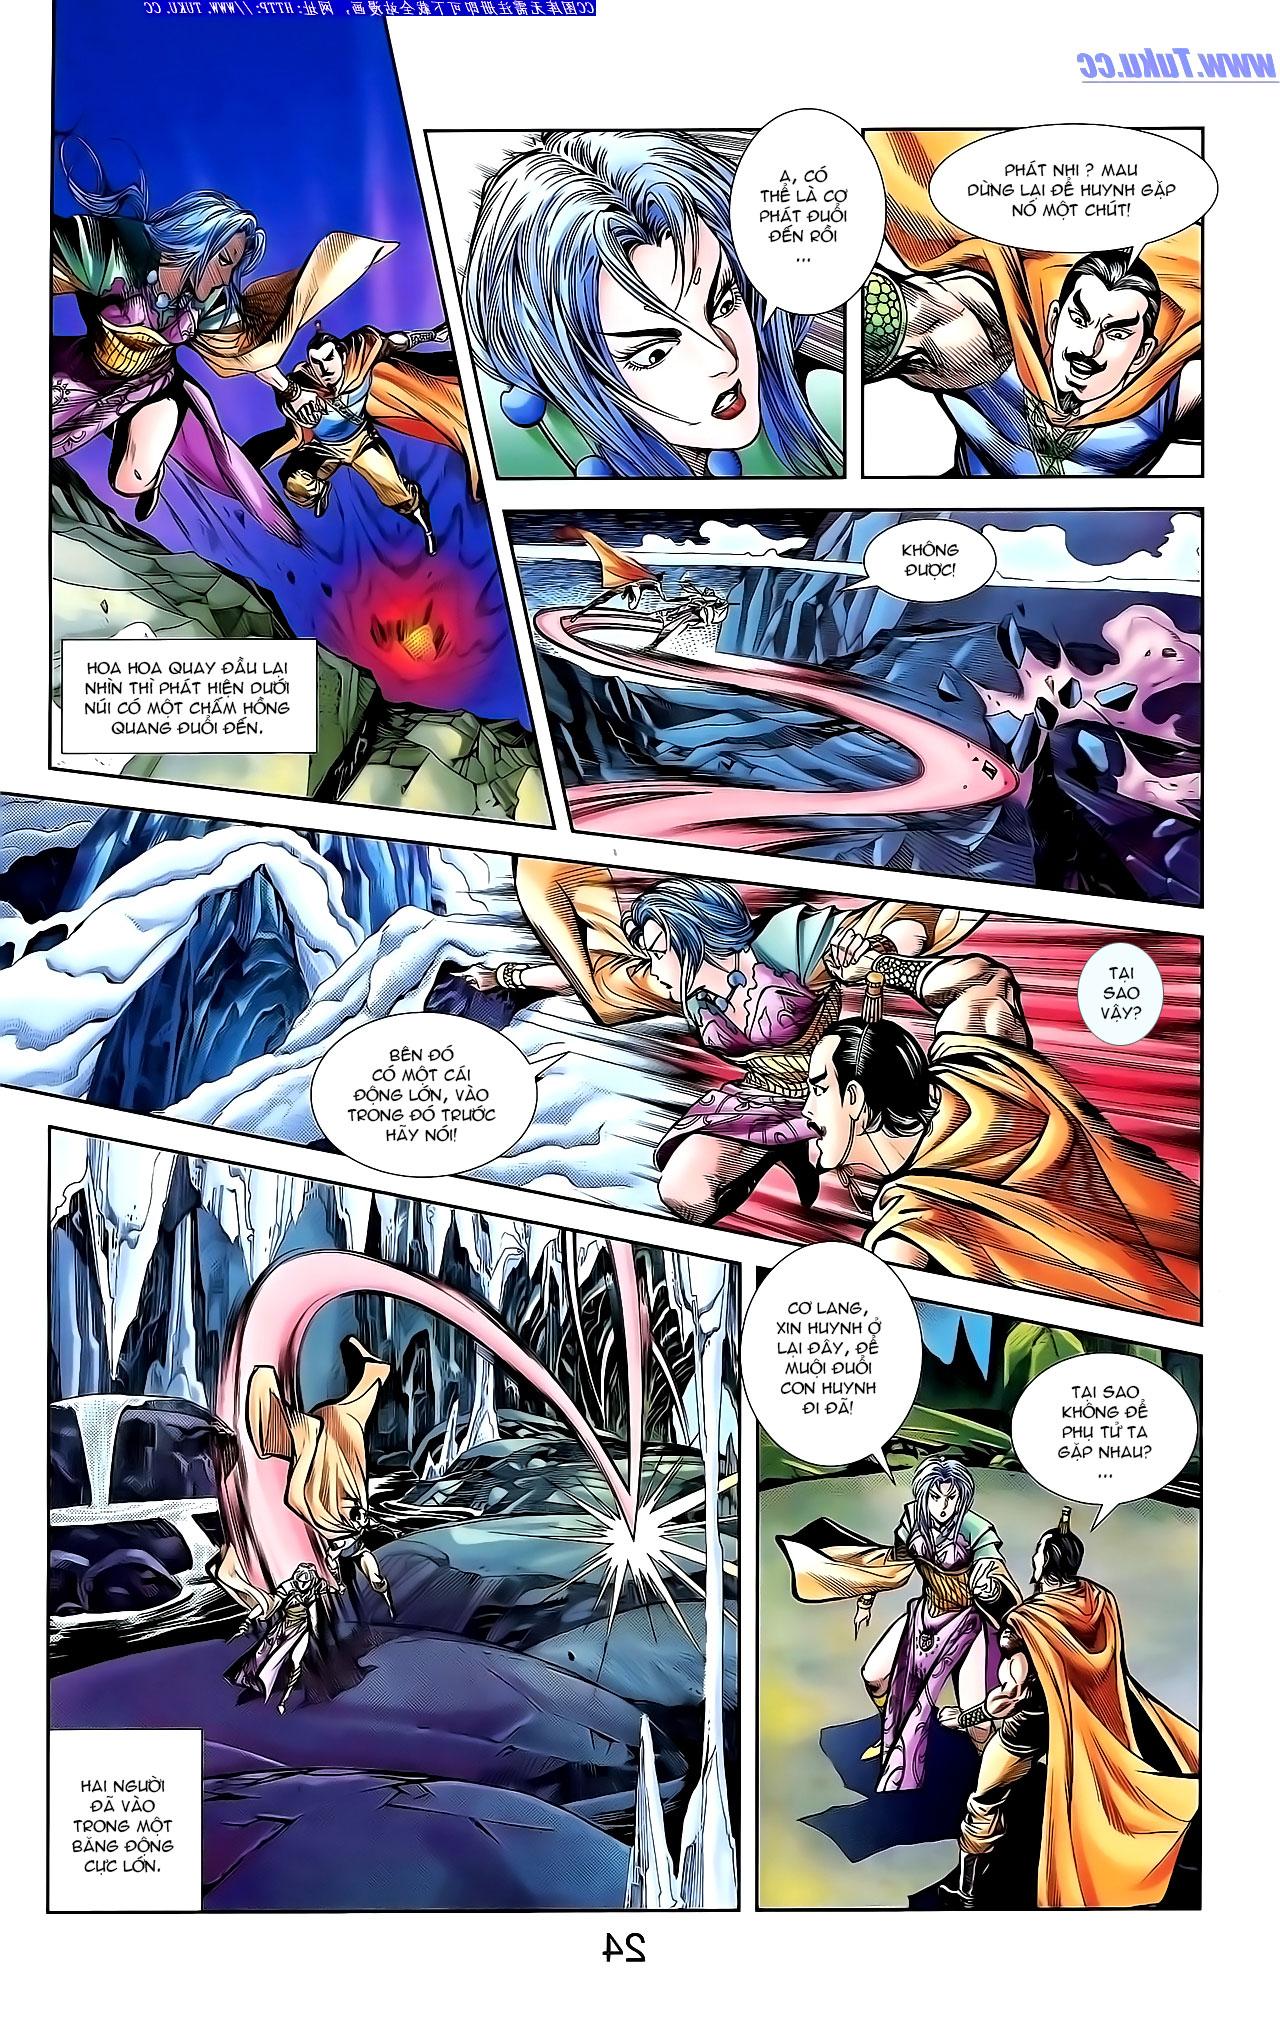 Cơ Phát Khai Chu Bản chapter 143 trang 4